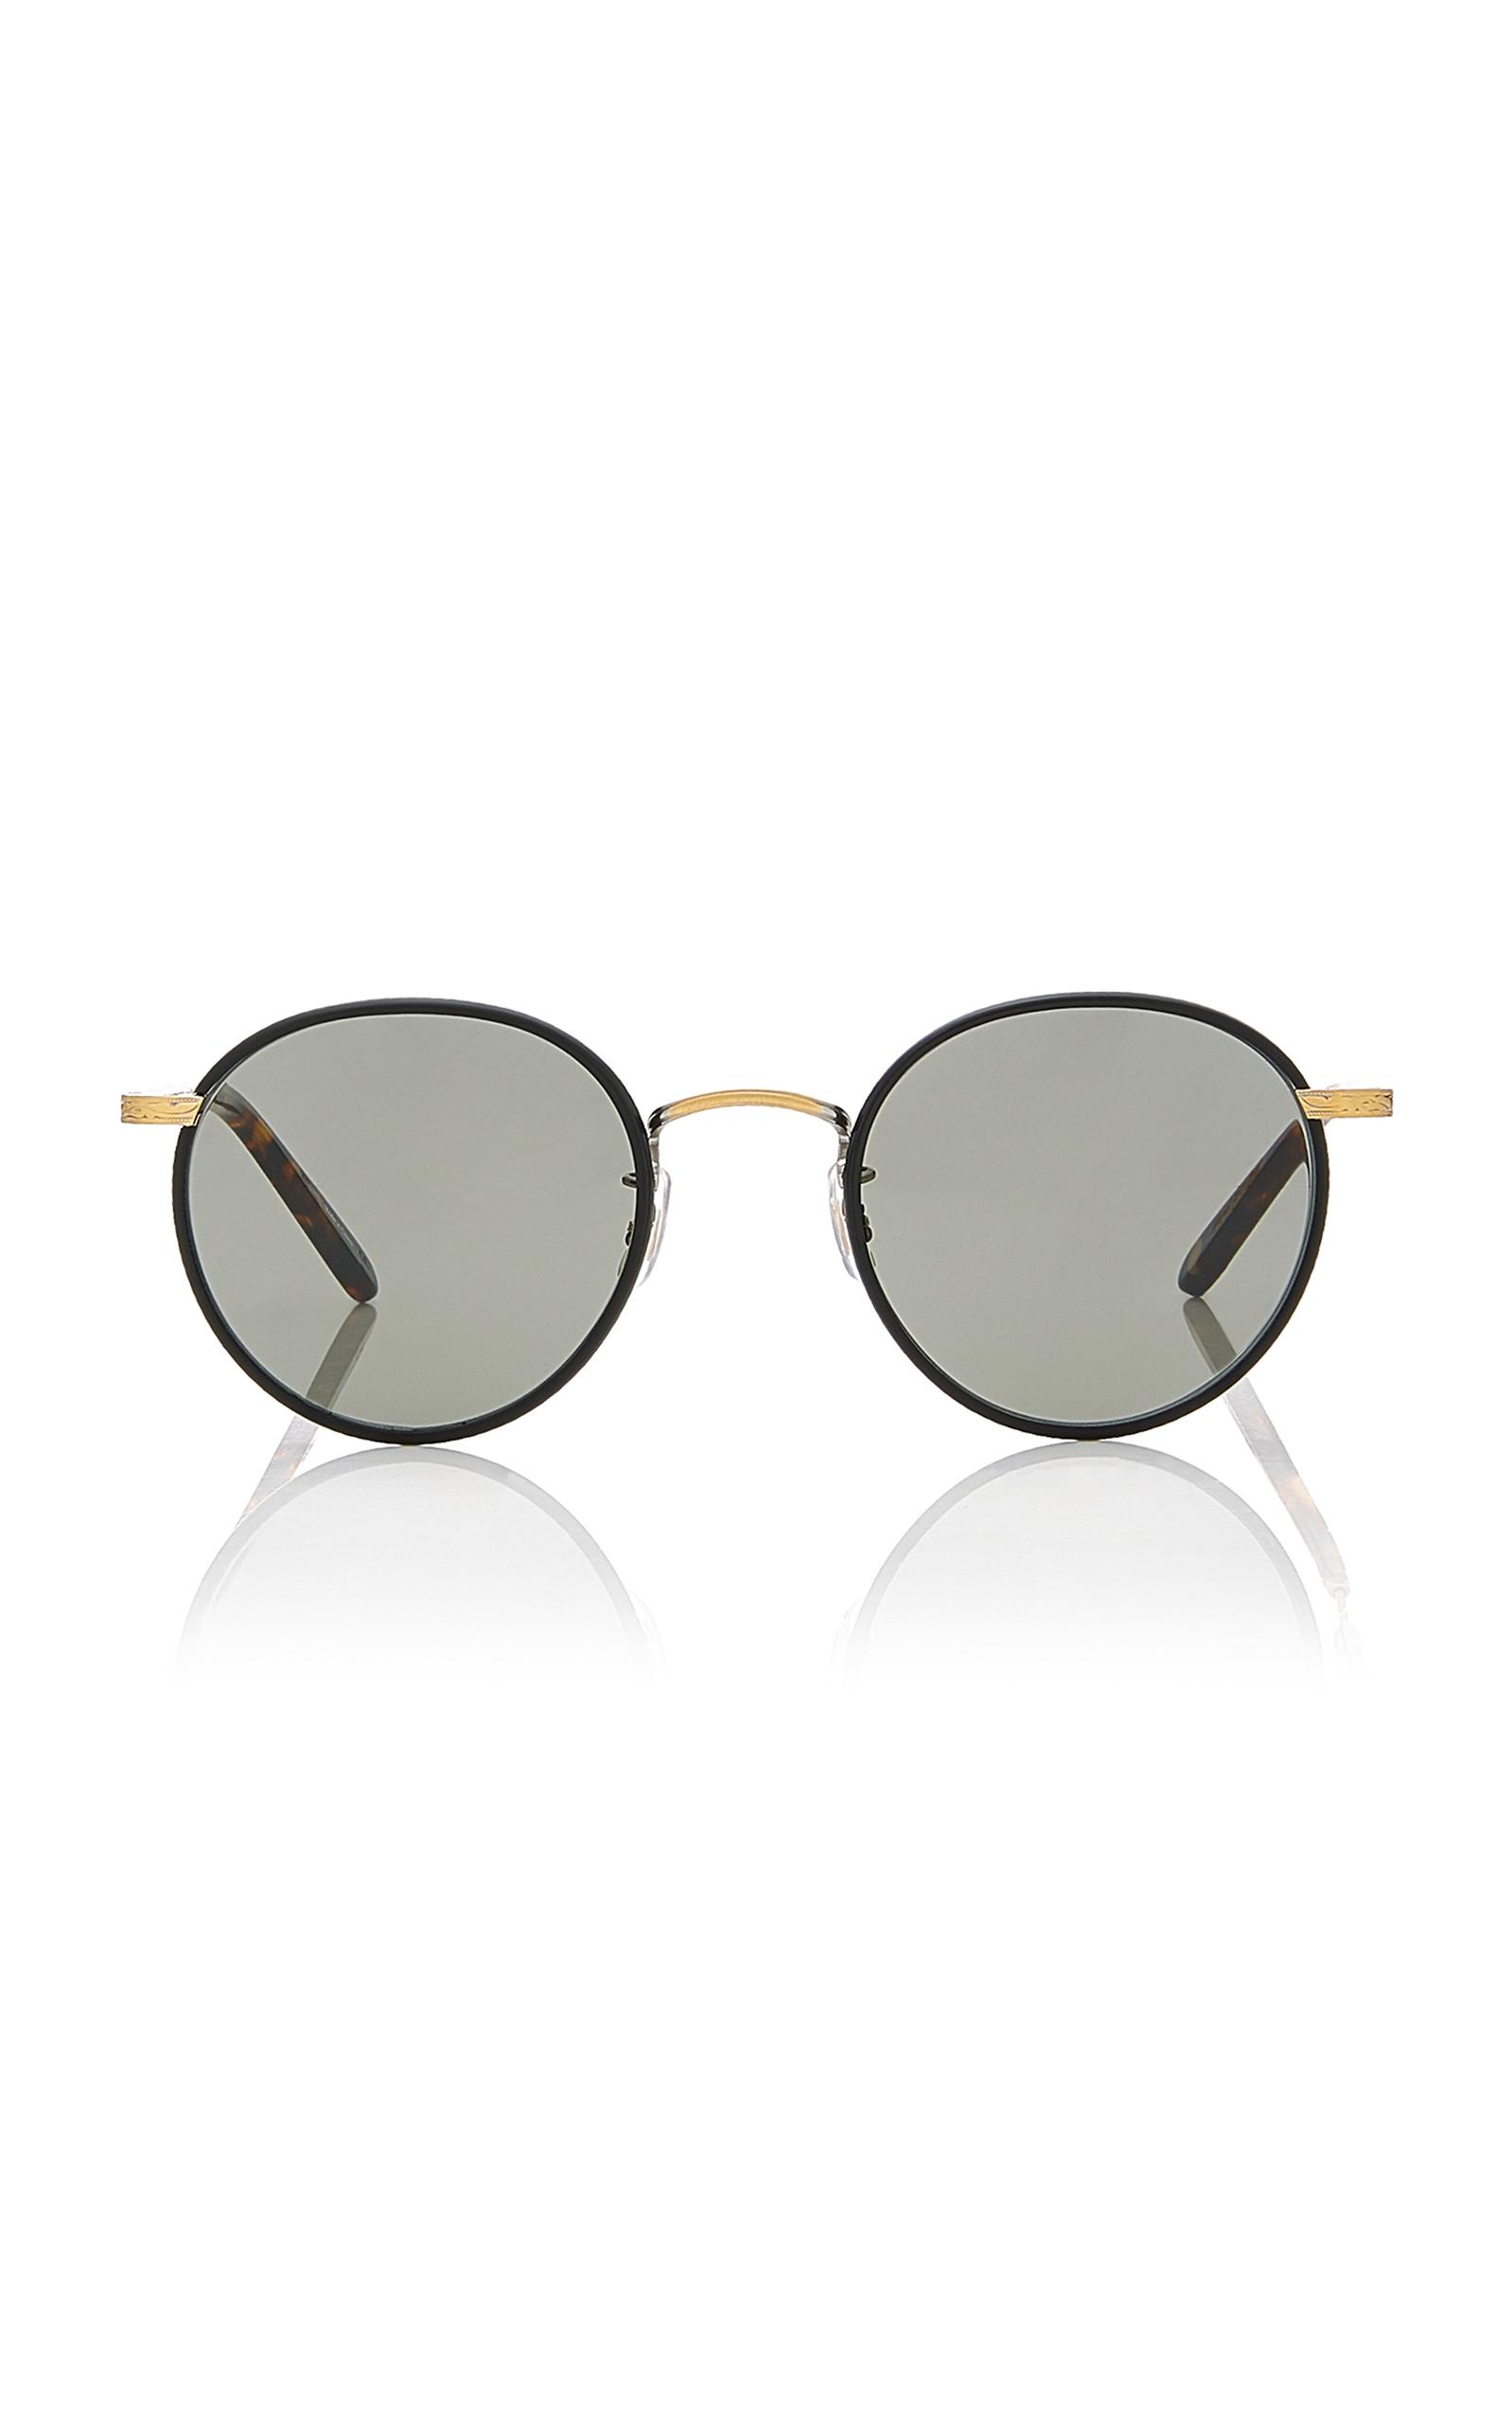 GARRETT LEIGHT Wilson 49 Stainless Steel Sunglasses in Black